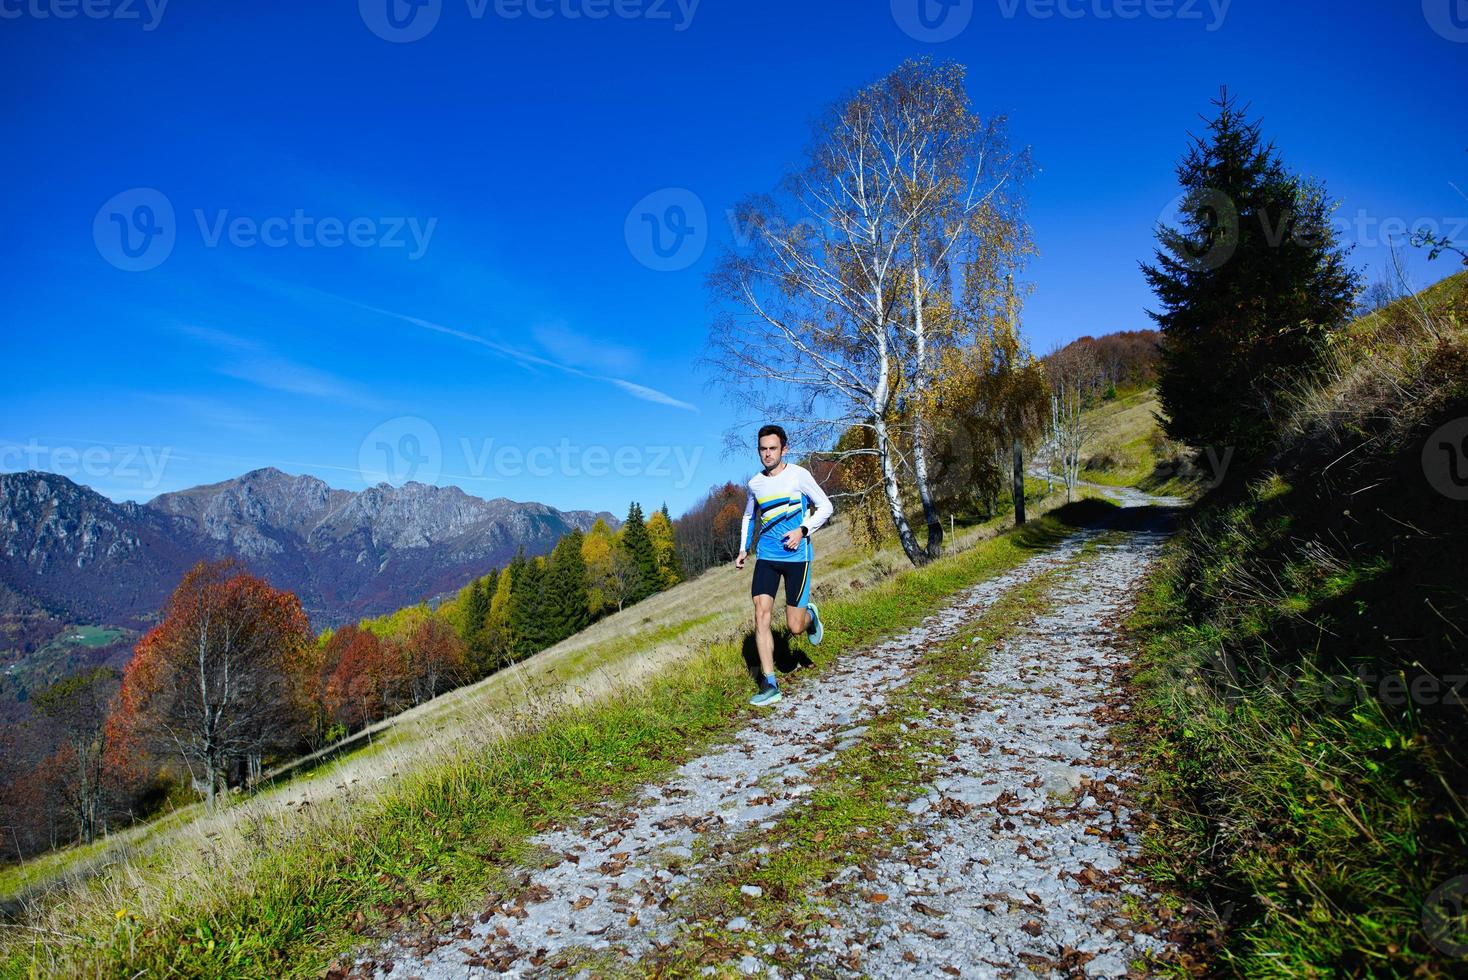 auf einem Schotterweg auf einem Hügel bergab laufen foto